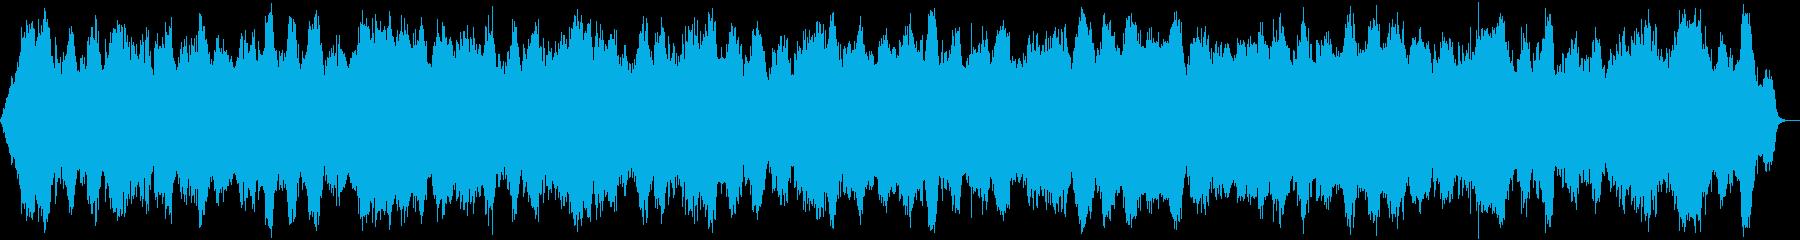 ヨガ、マインドフルネスに適した瞑想音楽の再生済みの波形